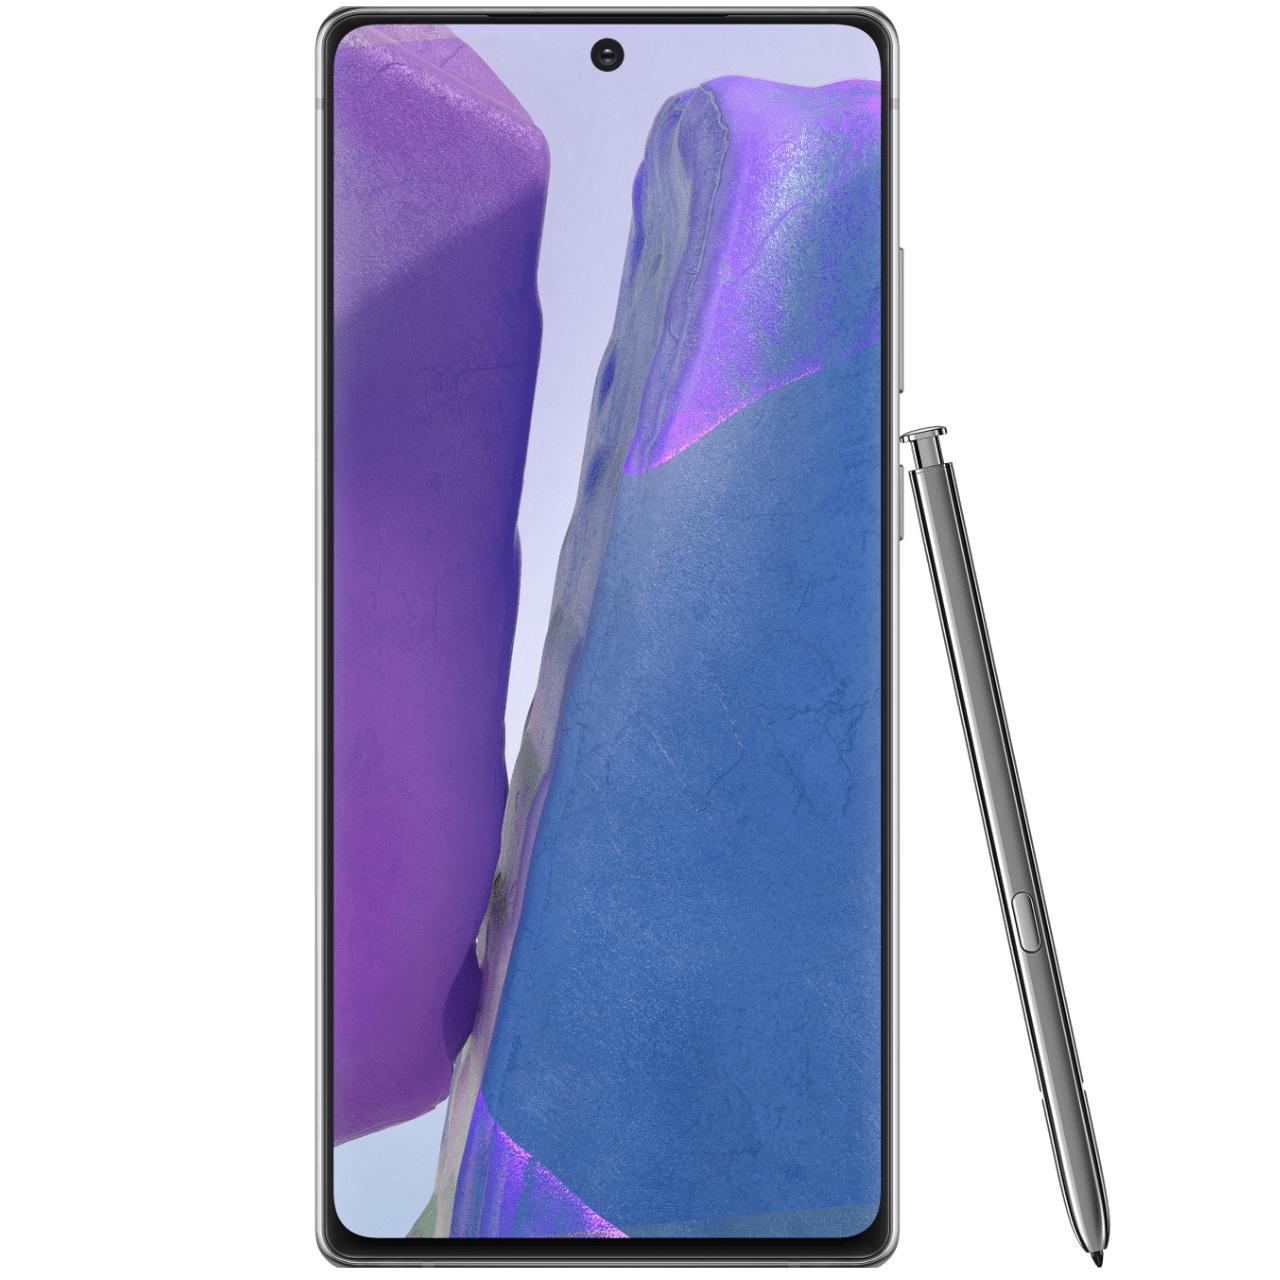 """Smartphone 6.7"""" Samsung Galaxy Note 20 4G full HD+, Exynos 990, 8 Go de RAM, 256 Go (via ODR de 100€)"""